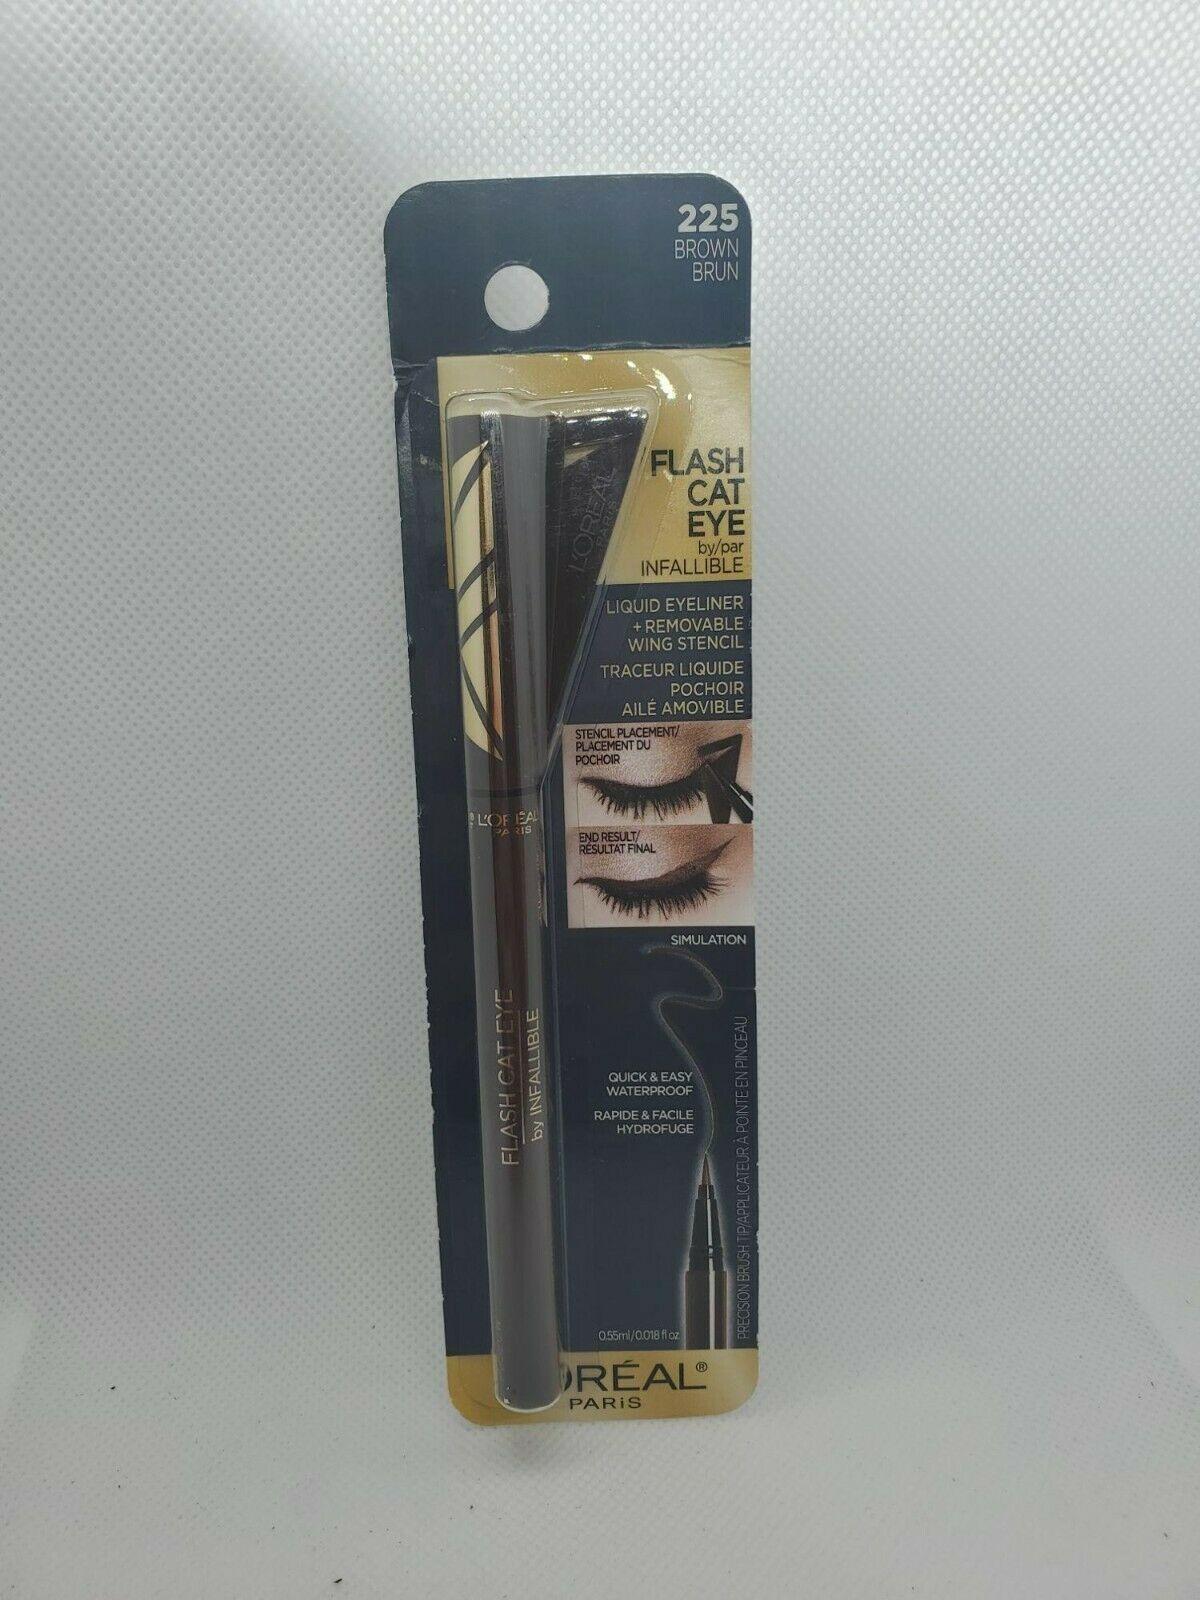 Loreal Paris Flash Cat Eye Liquid Eyeliner #225 Brown Waterproof Makeup - $8.40